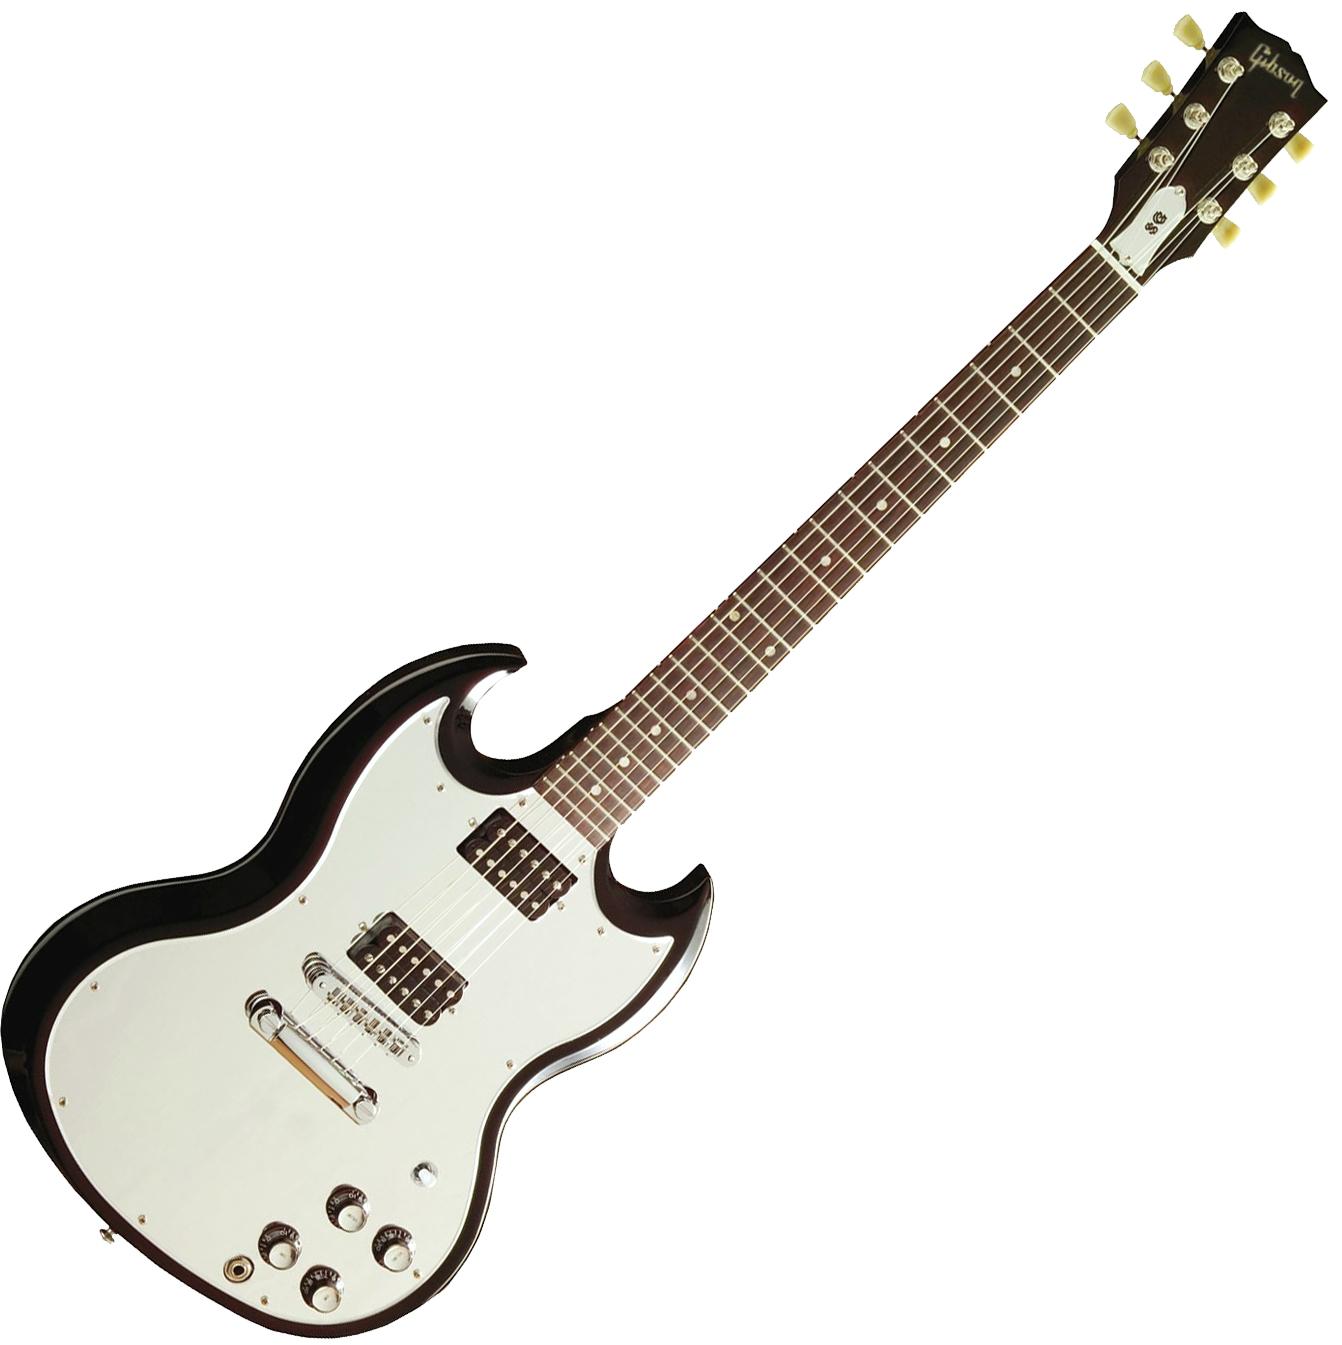 Gibson SG Special New Century average used price - Audiofanzine